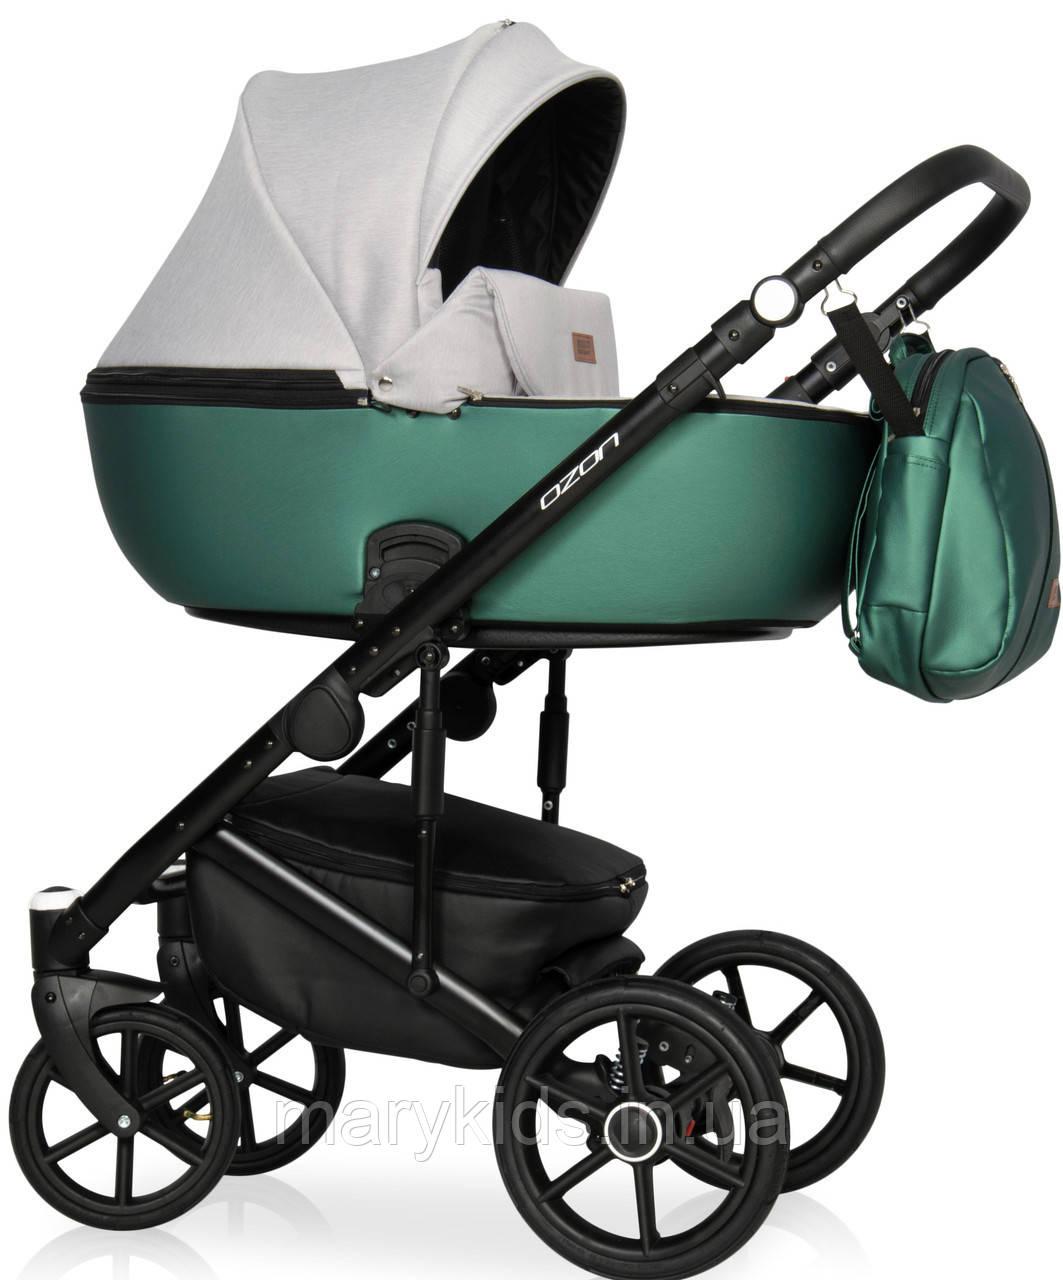 Детская универсальная коляска 3 в 1 Riko Ozon Shine 05